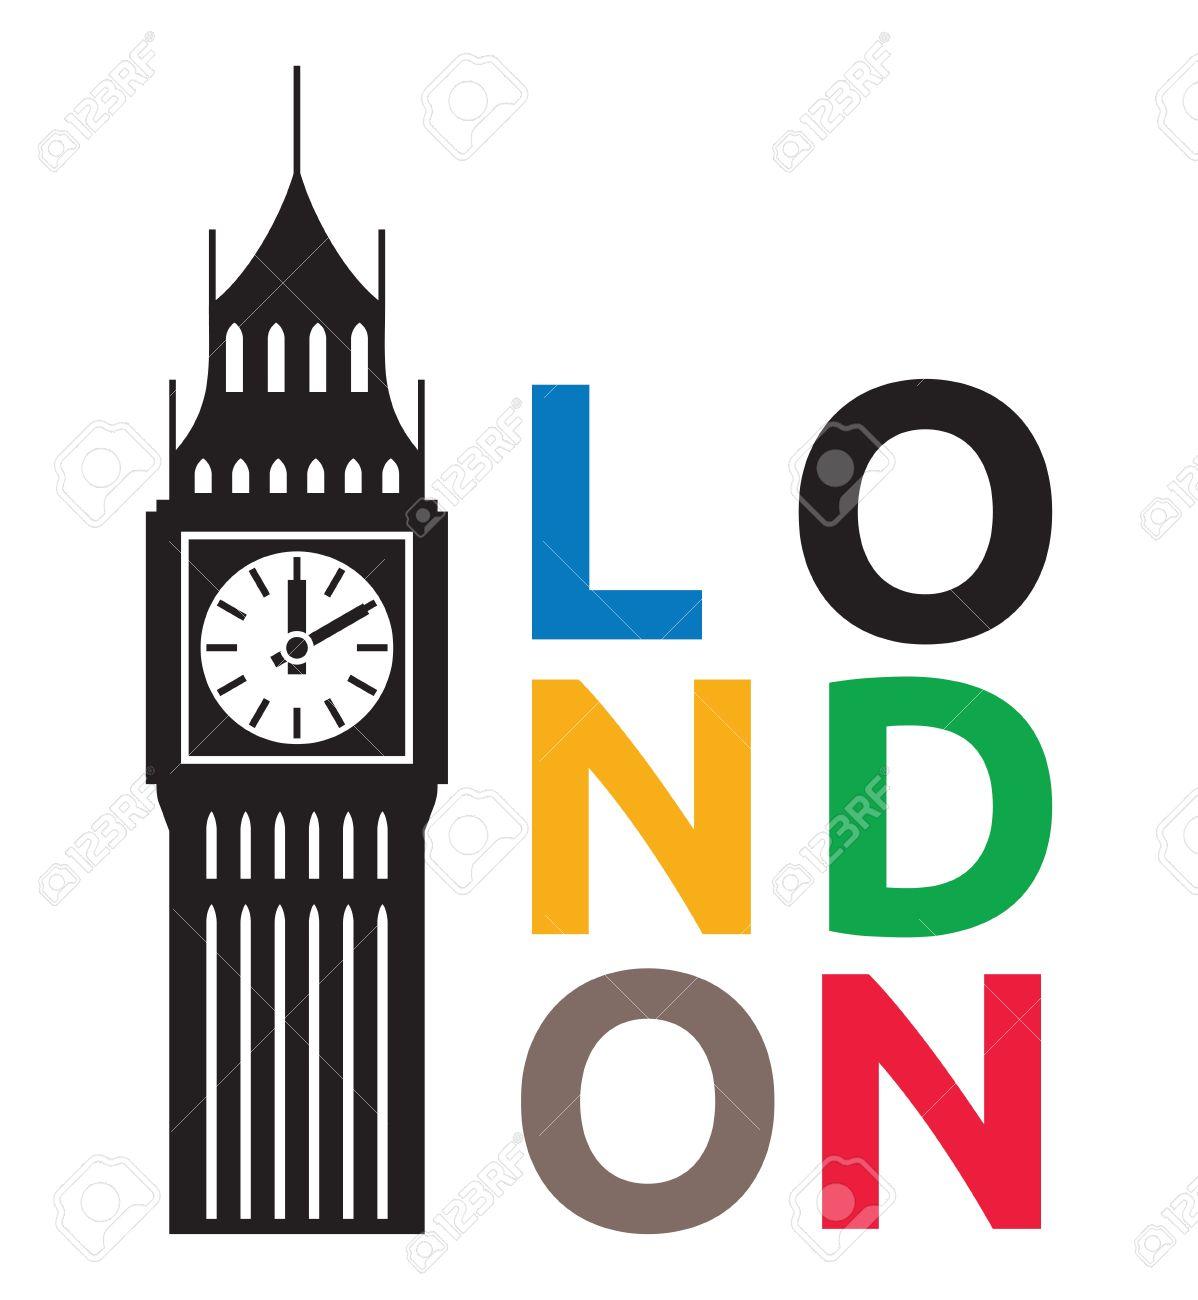 big ben london royalty free cliparts vectors and stock rh 123rf com